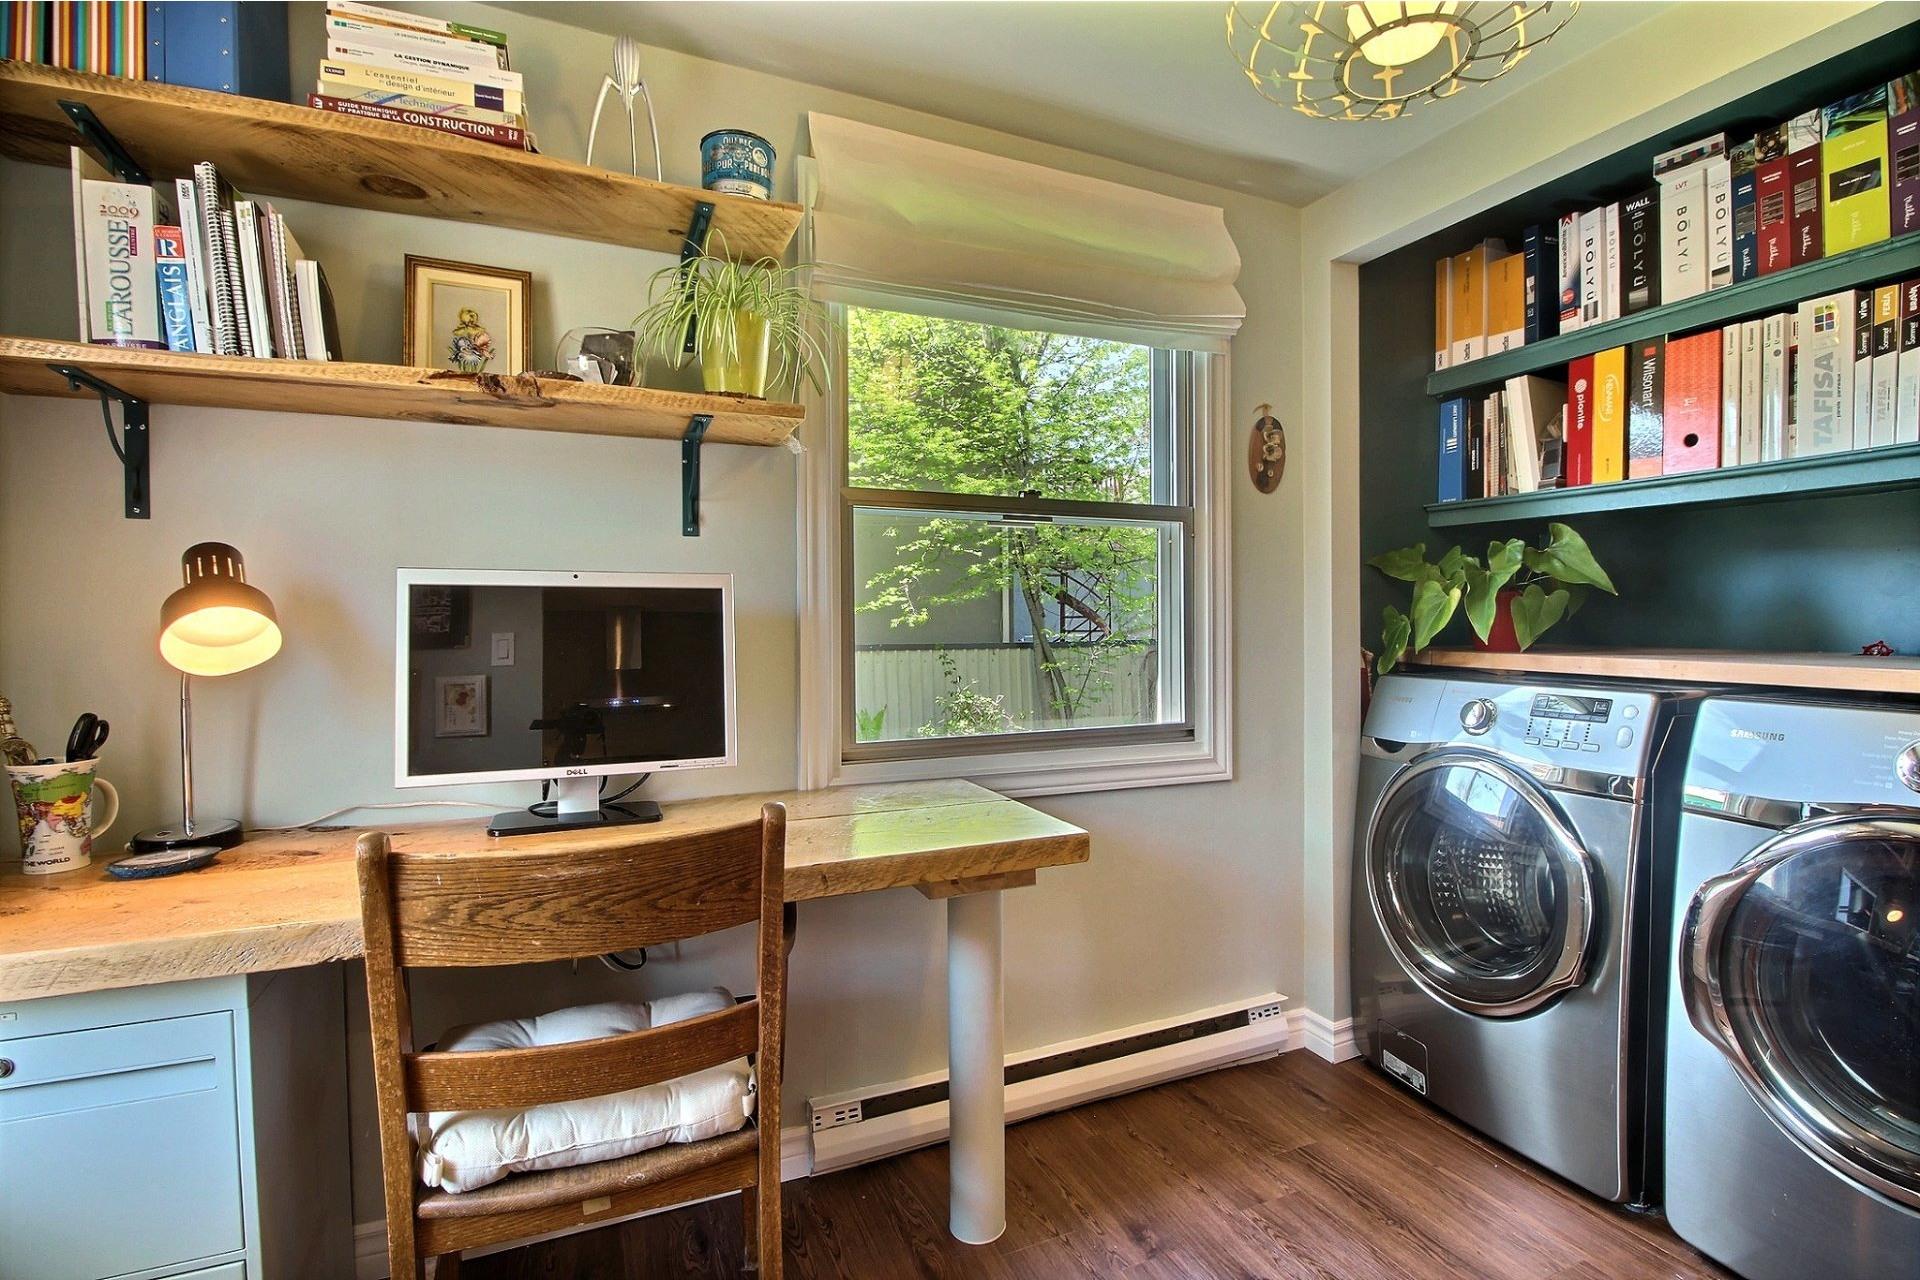 image 10 - House For sale Rivière-des-Prairies/Pointe-aux-Trembles Montréal  - 8 rooms